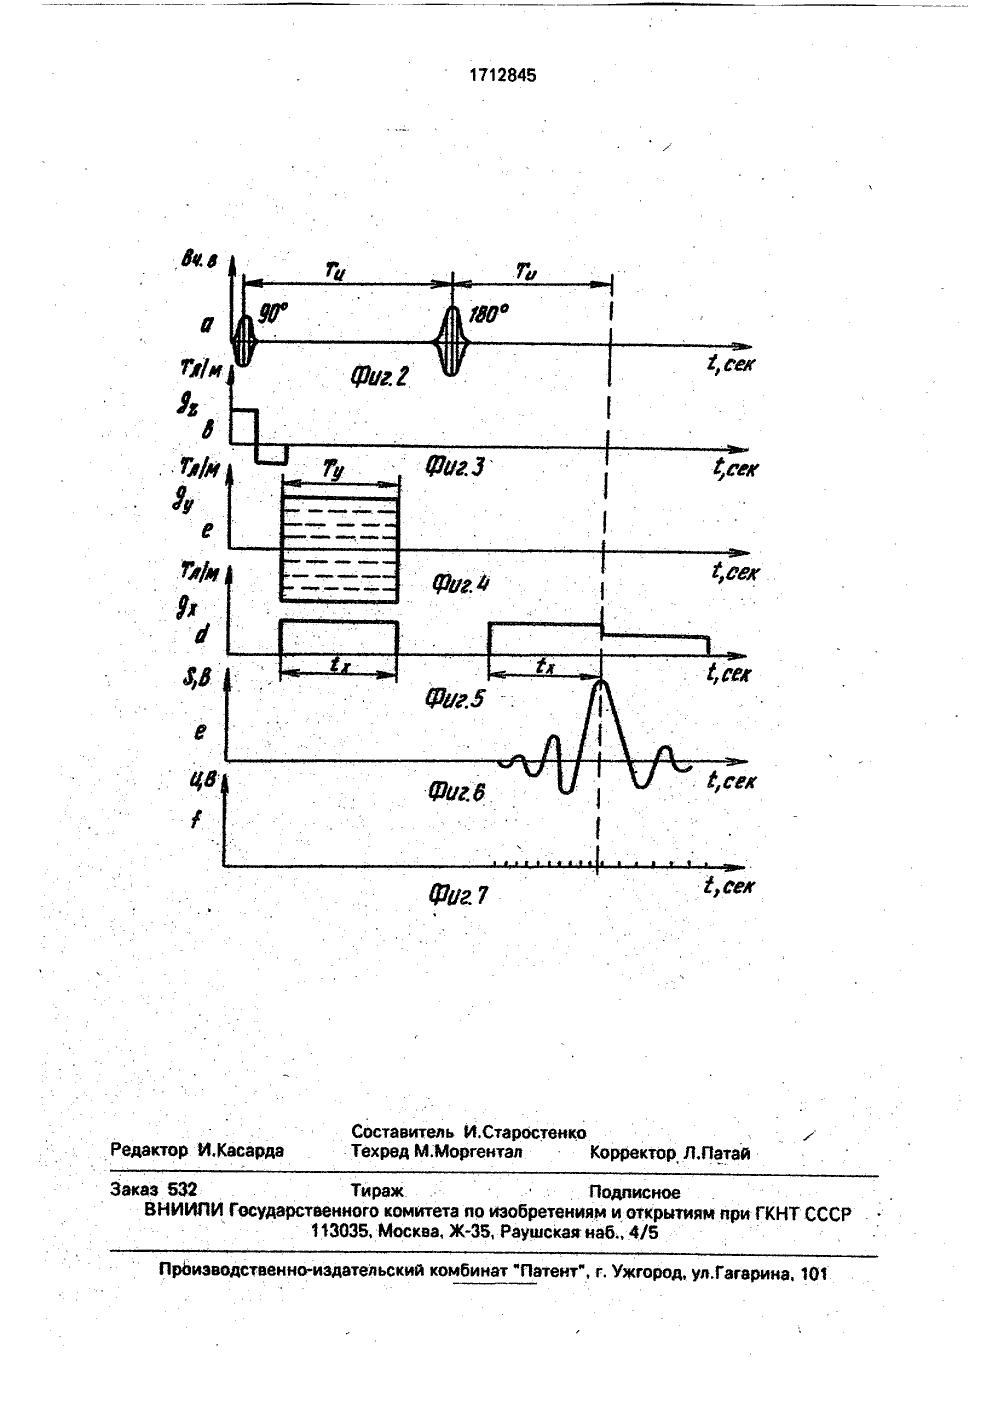 Устройство для измерения индукции магнитного поля — SU 277931